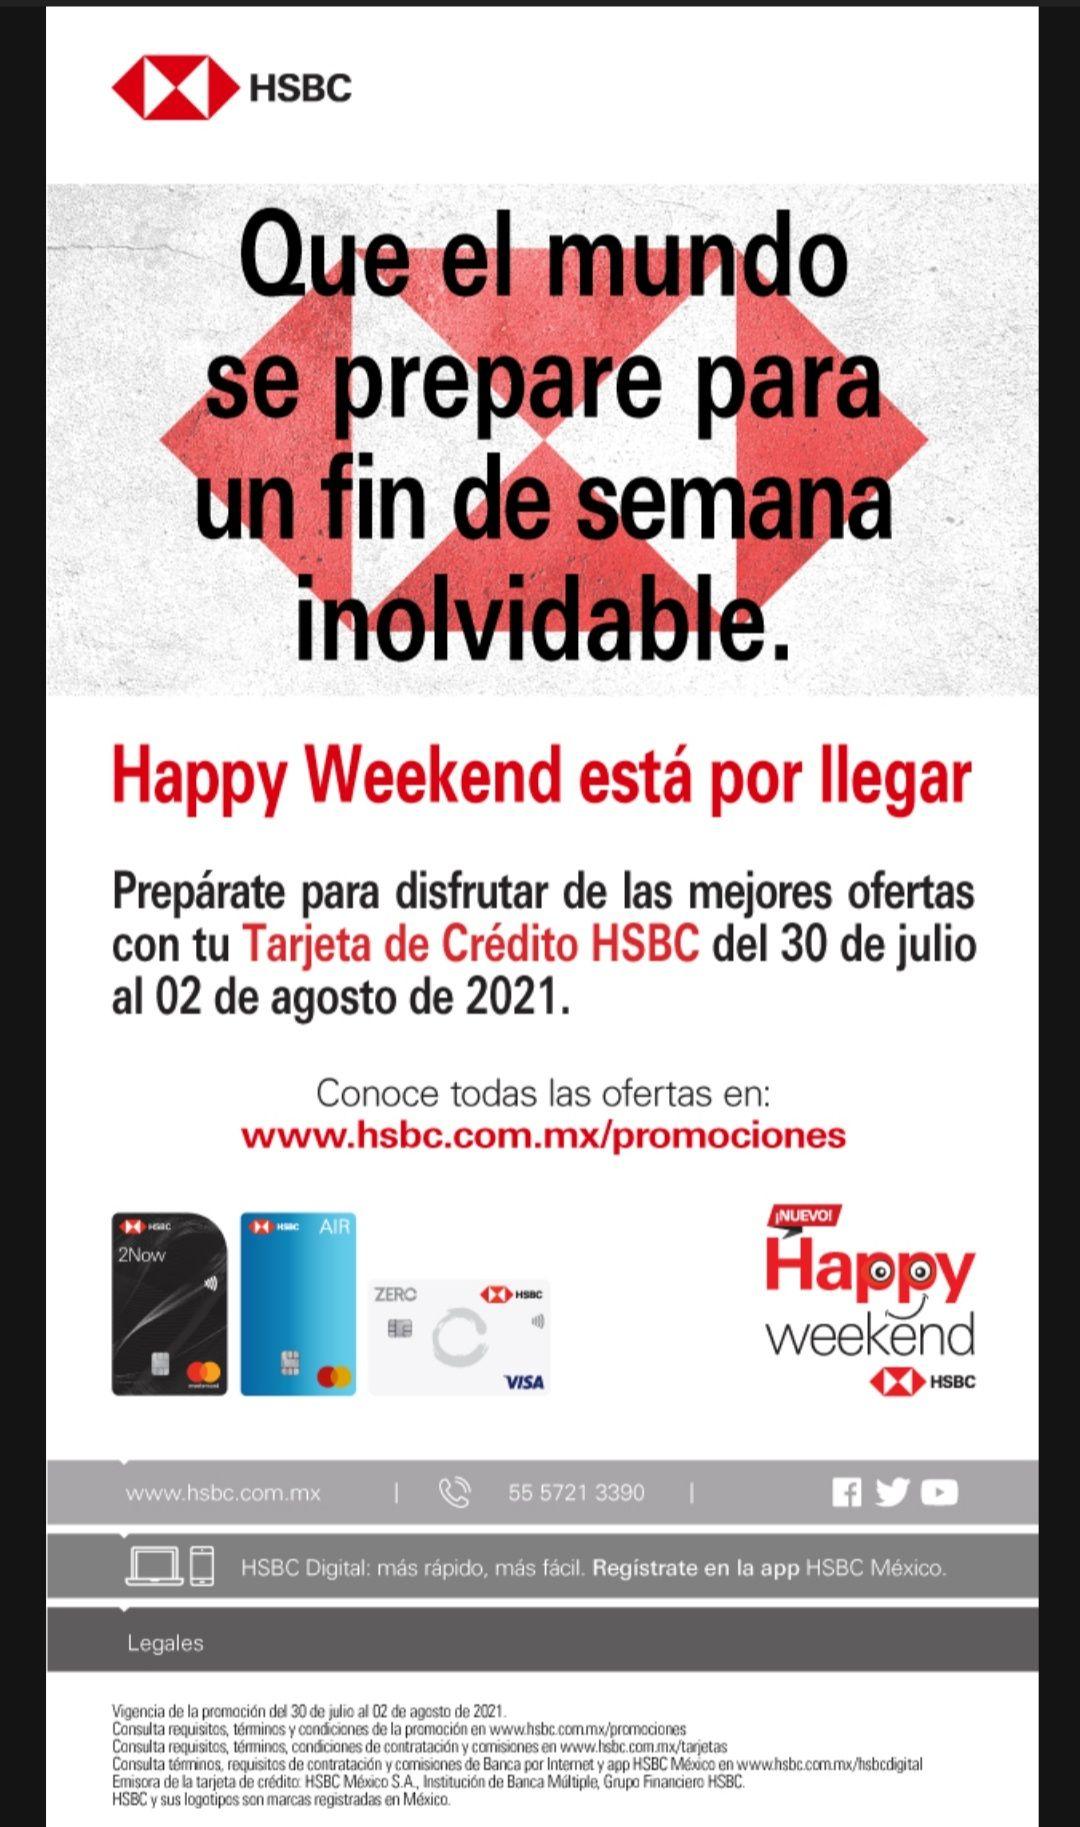 HSBC: Happy Weekend el 30Julio al 02 de Agosto